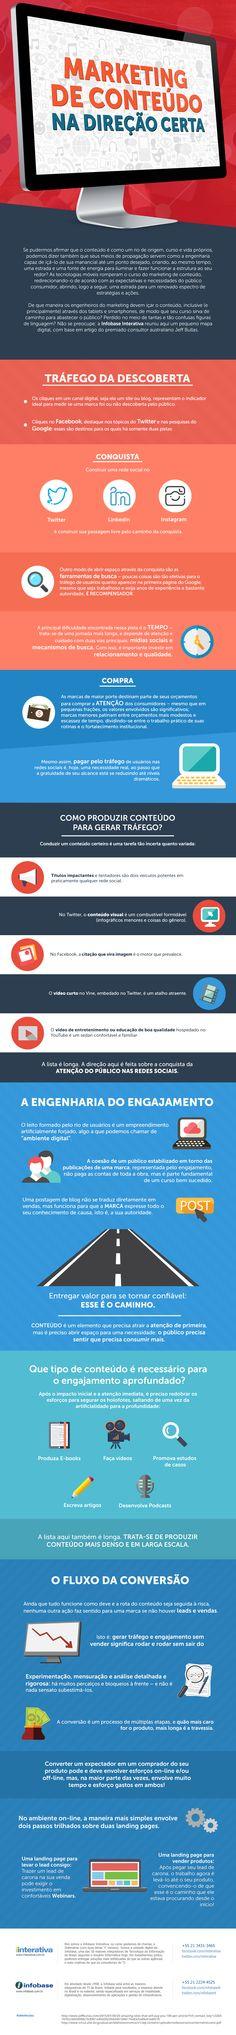 Infográfico – Marketing de Conteúdo na Direção Certa http://www.iinterativa.com.br/infografico-marketing-de-conteudo-na-direcao-certa/